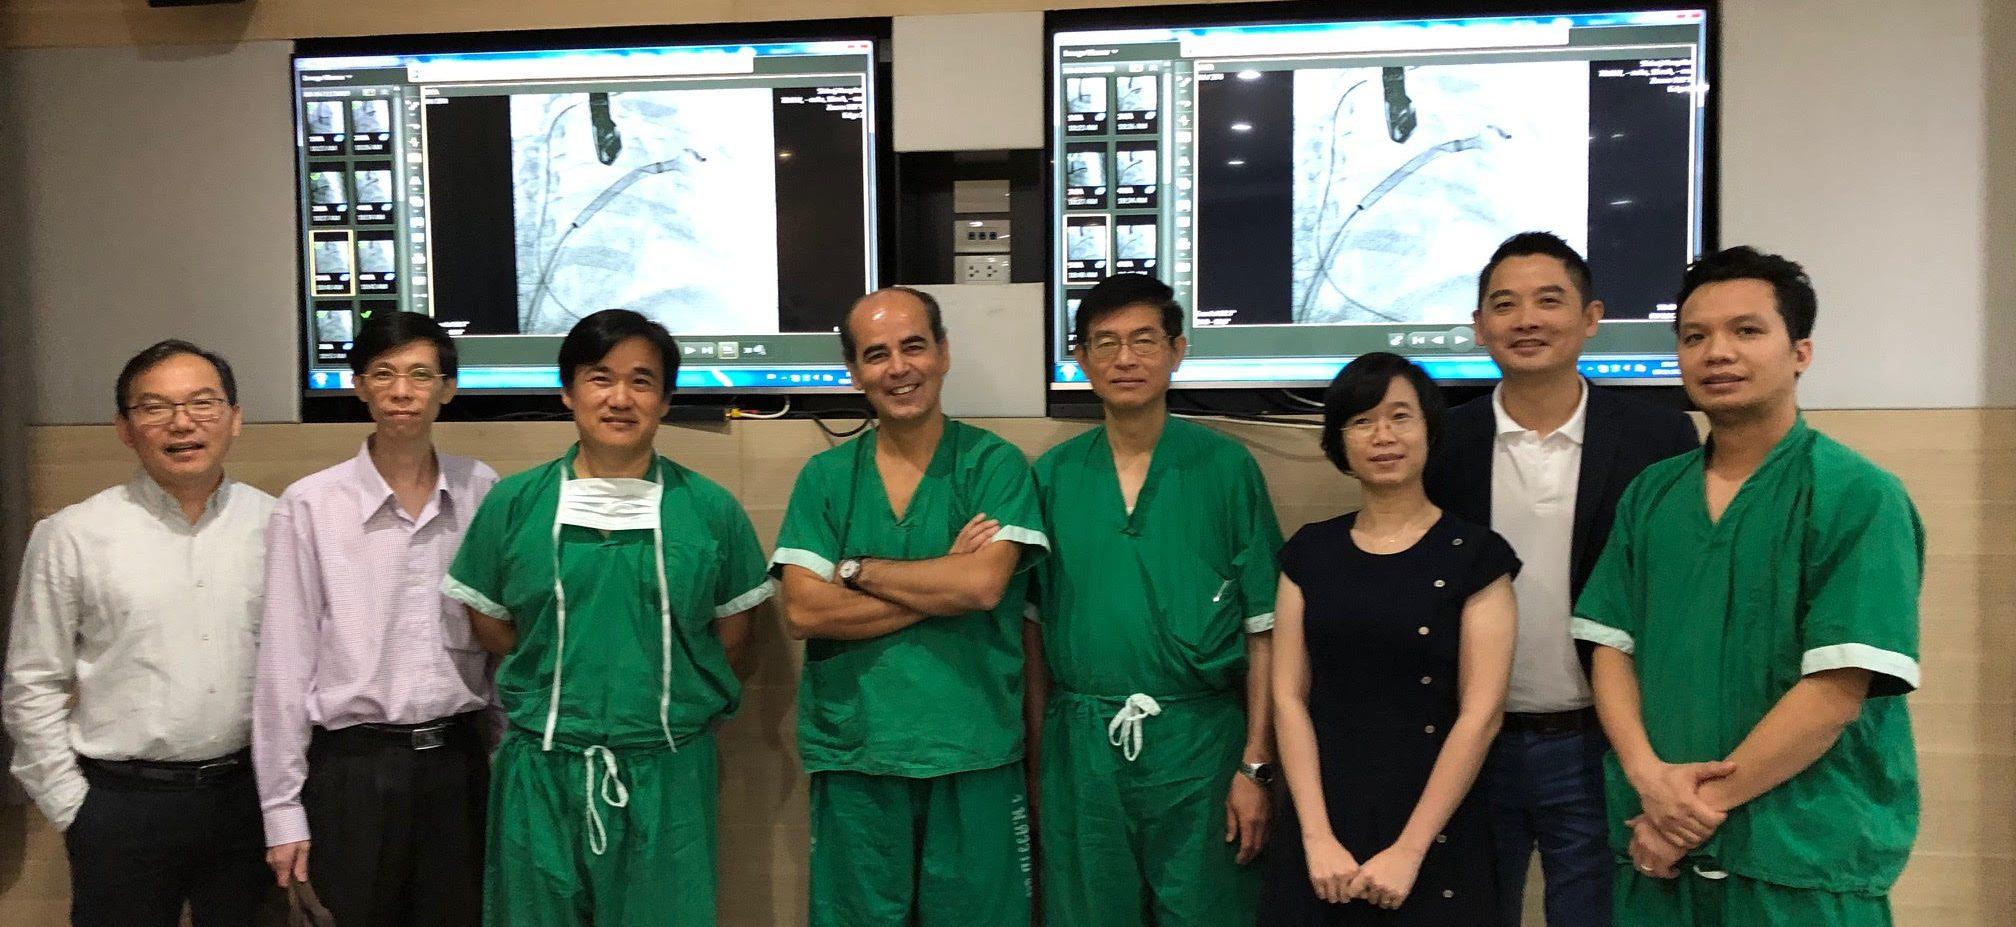 Cardiologista do Hospital da Luz aplicou técnica diferenciada